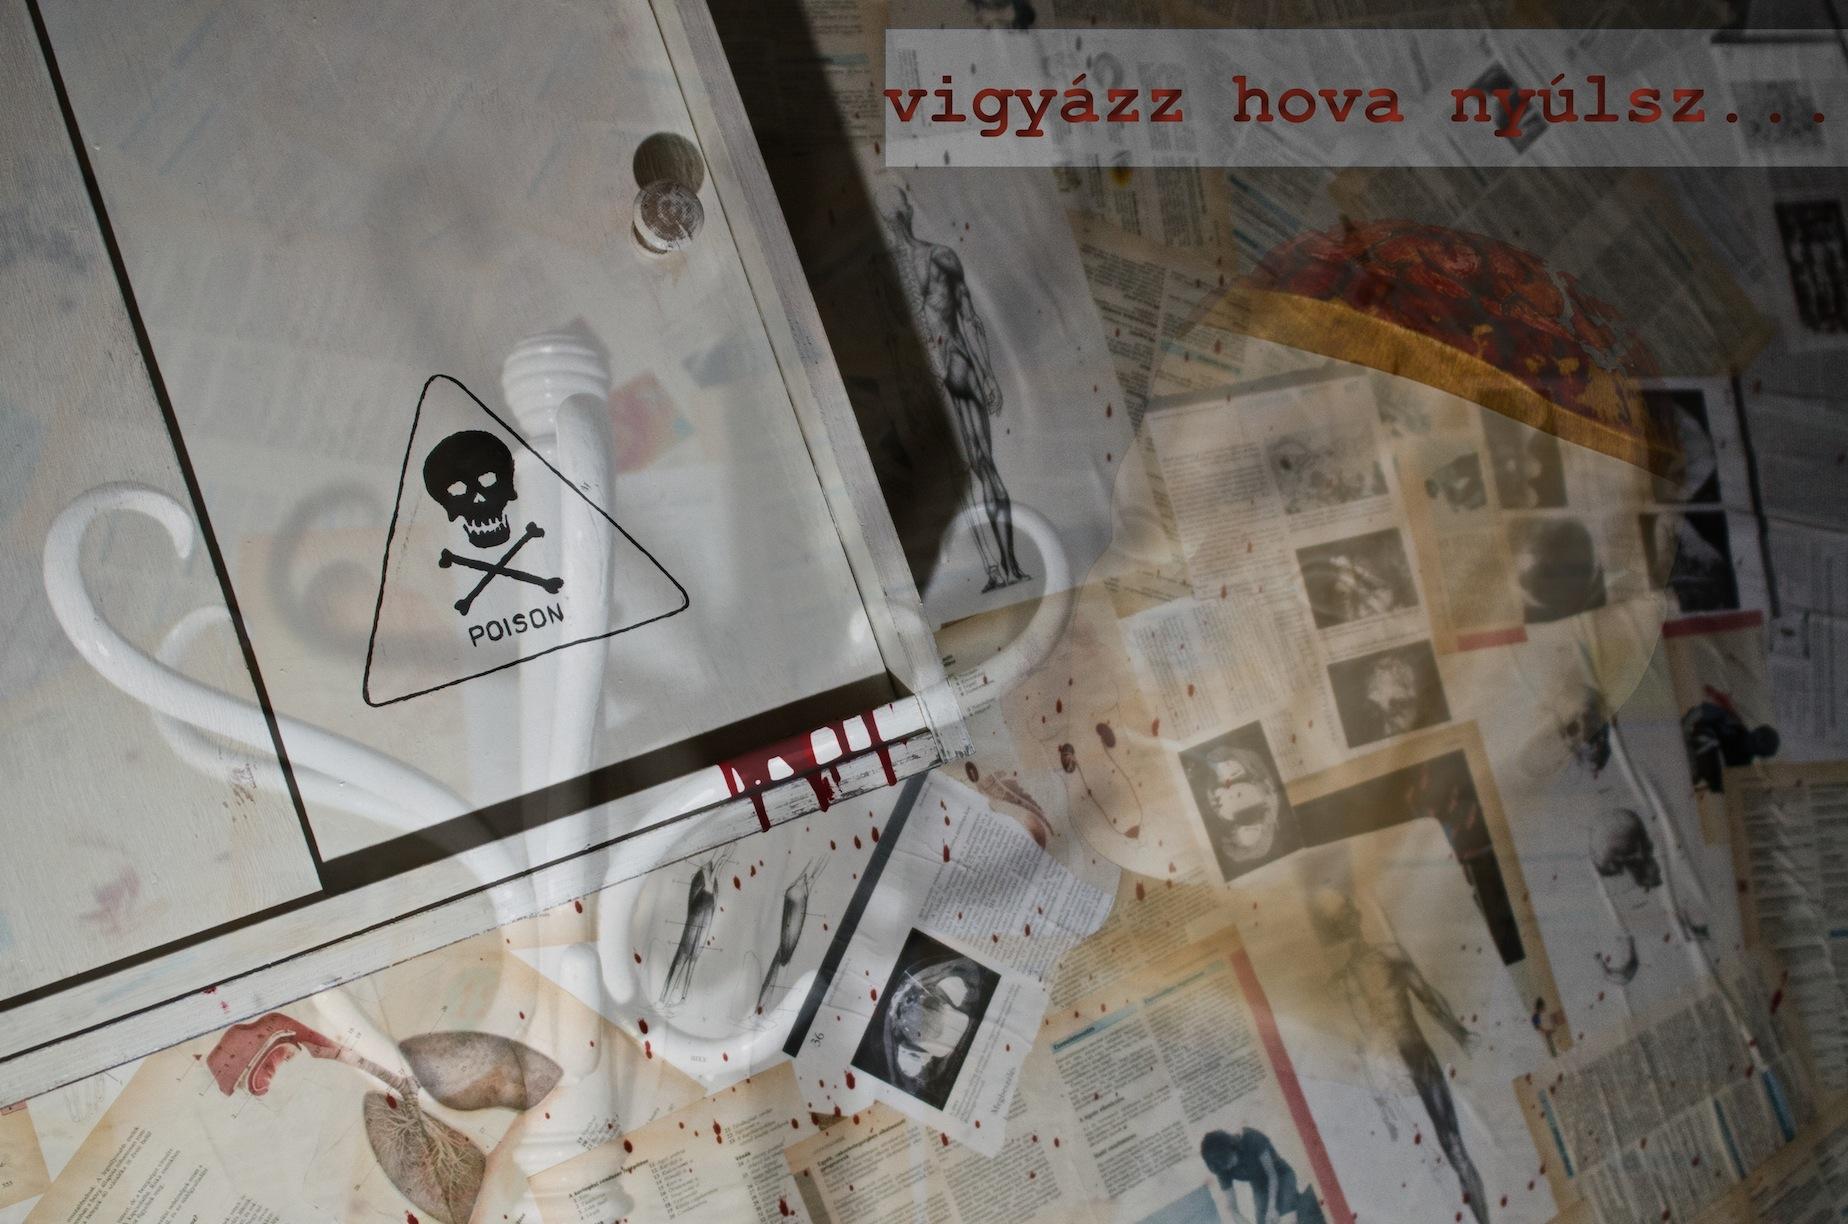 trap-02-vigyazz-2.jpg